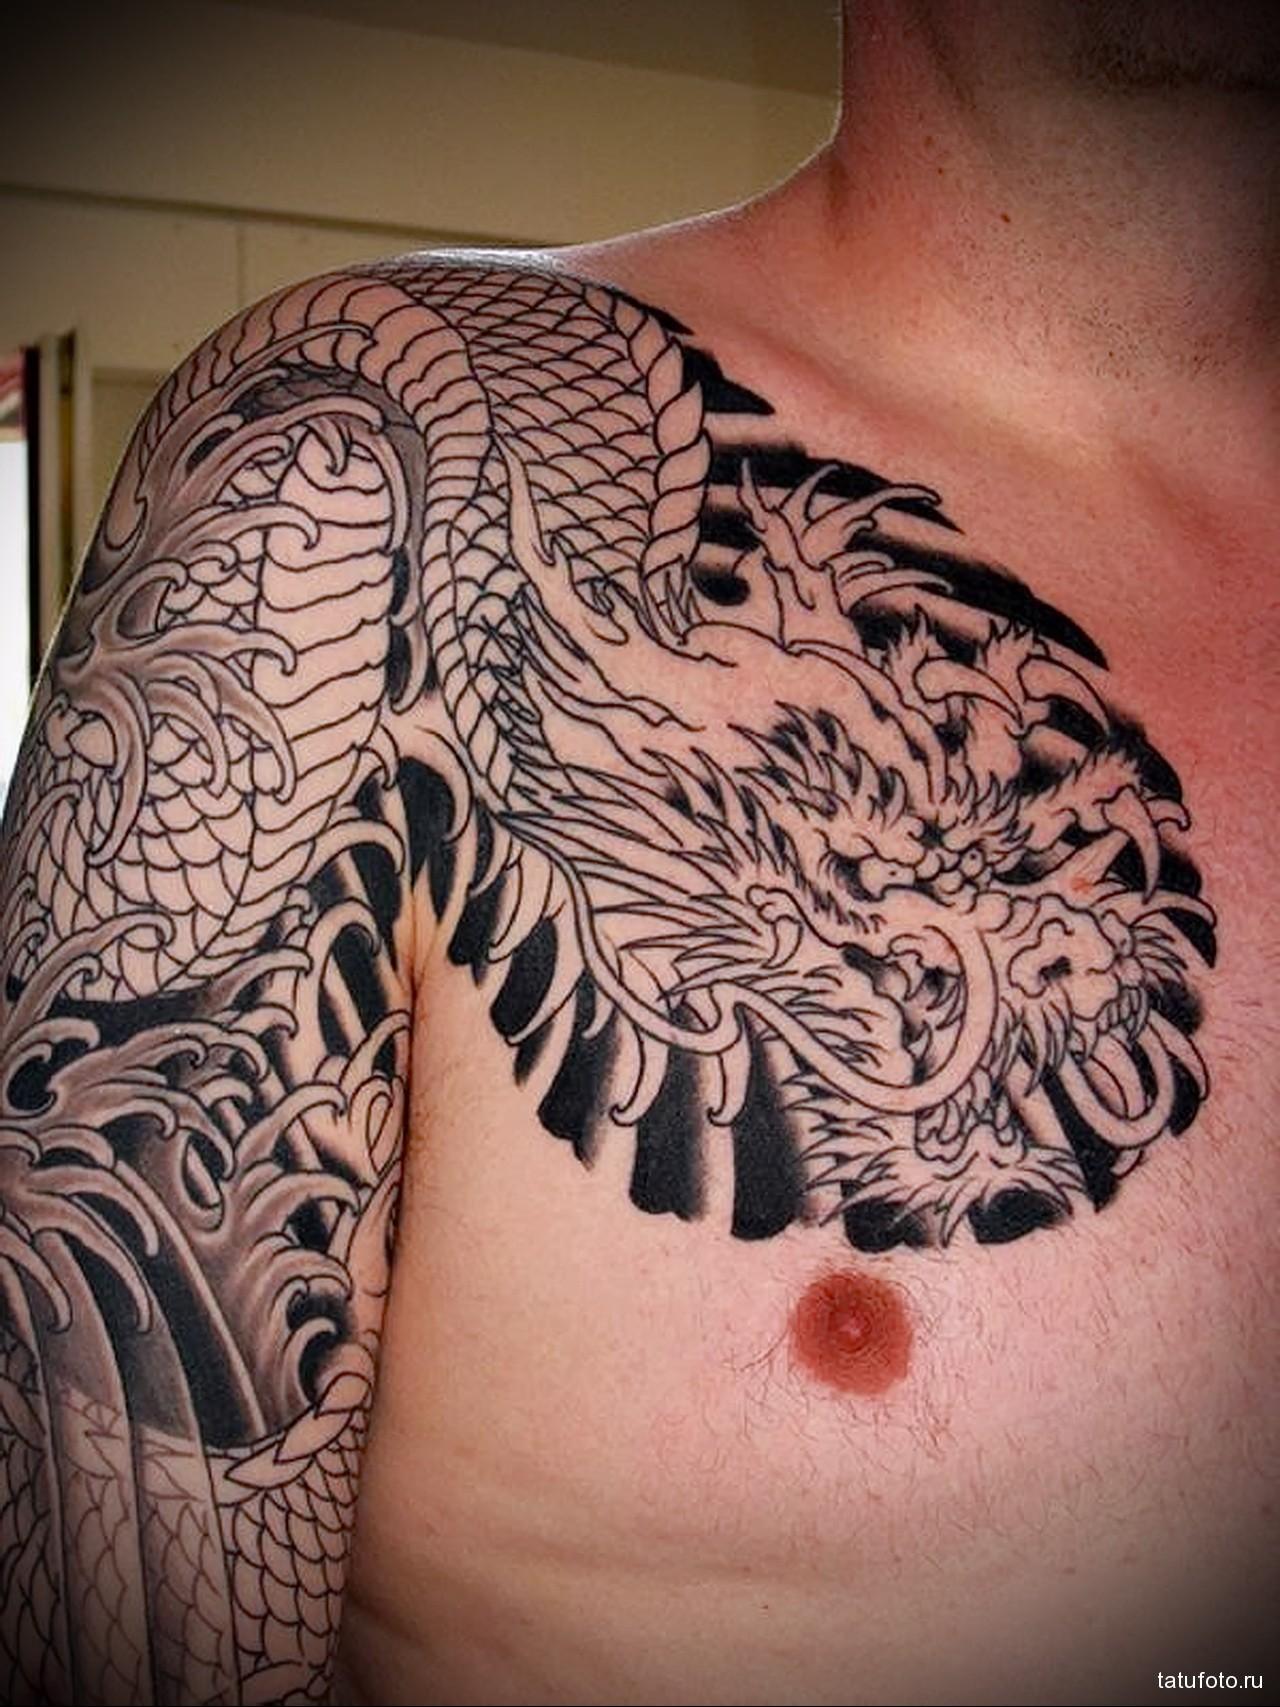 черная тату с драконом - мужская татуировка на плече